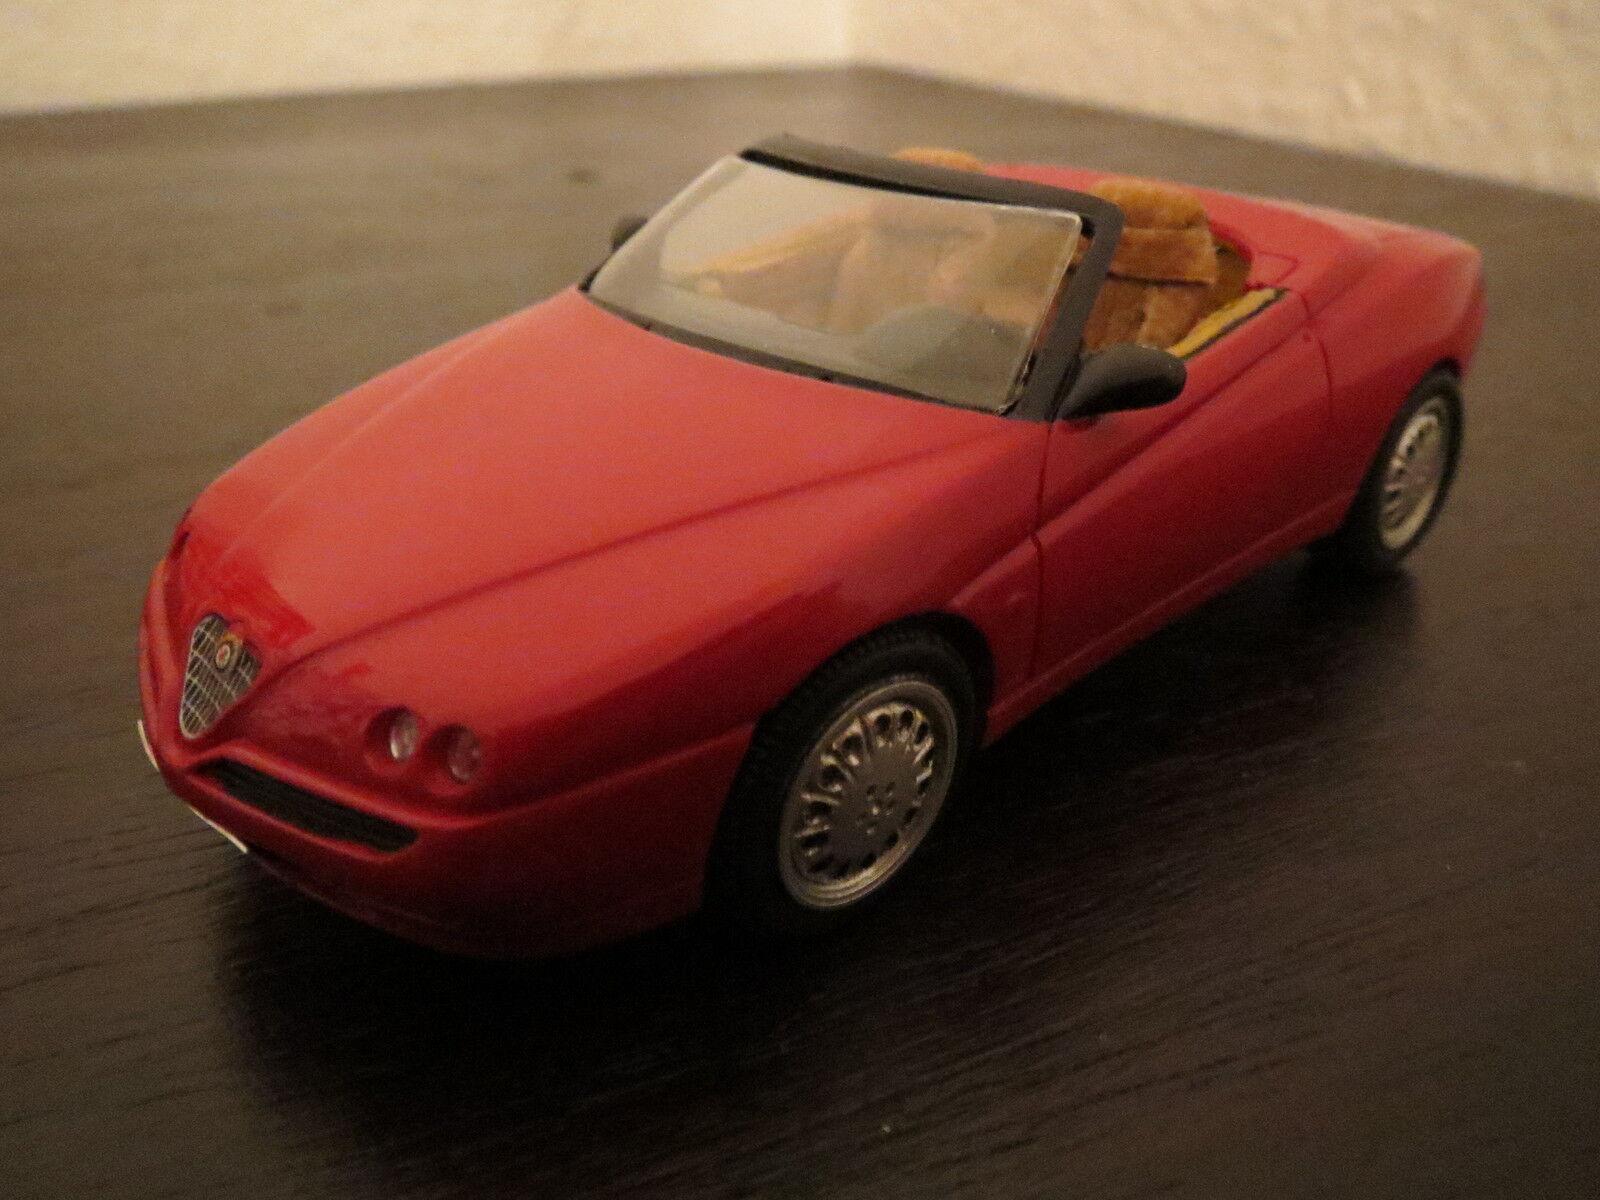 Lavoro a mano modello: ALFA ROMEO GTV Roadster in scala 1:43 di Provence Moulage